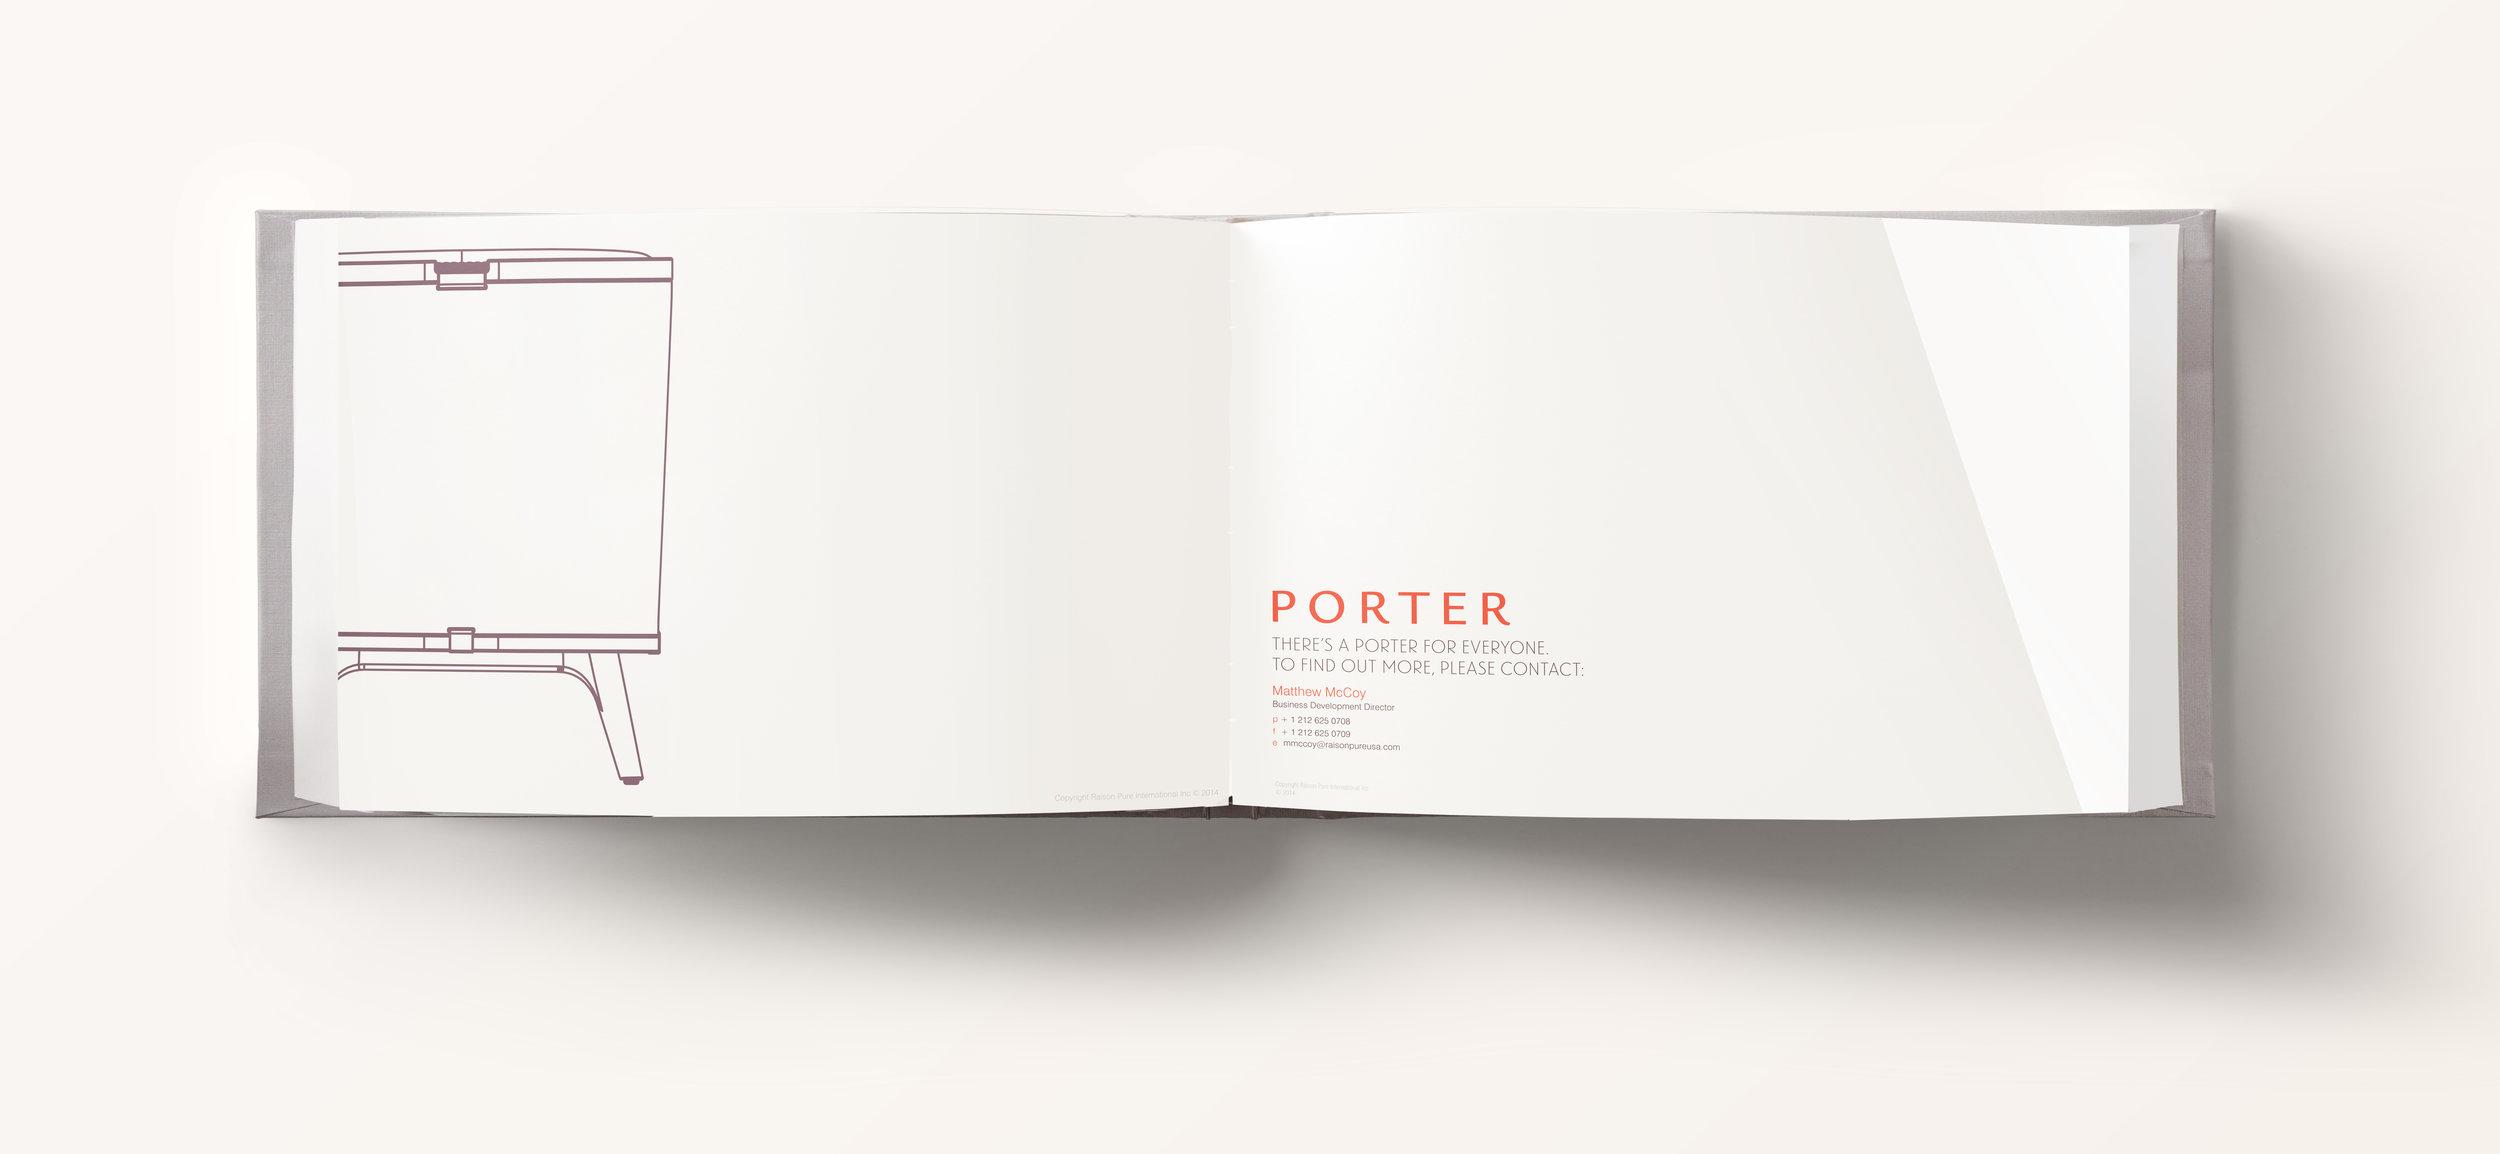 160526Mockup_porter23.jpg